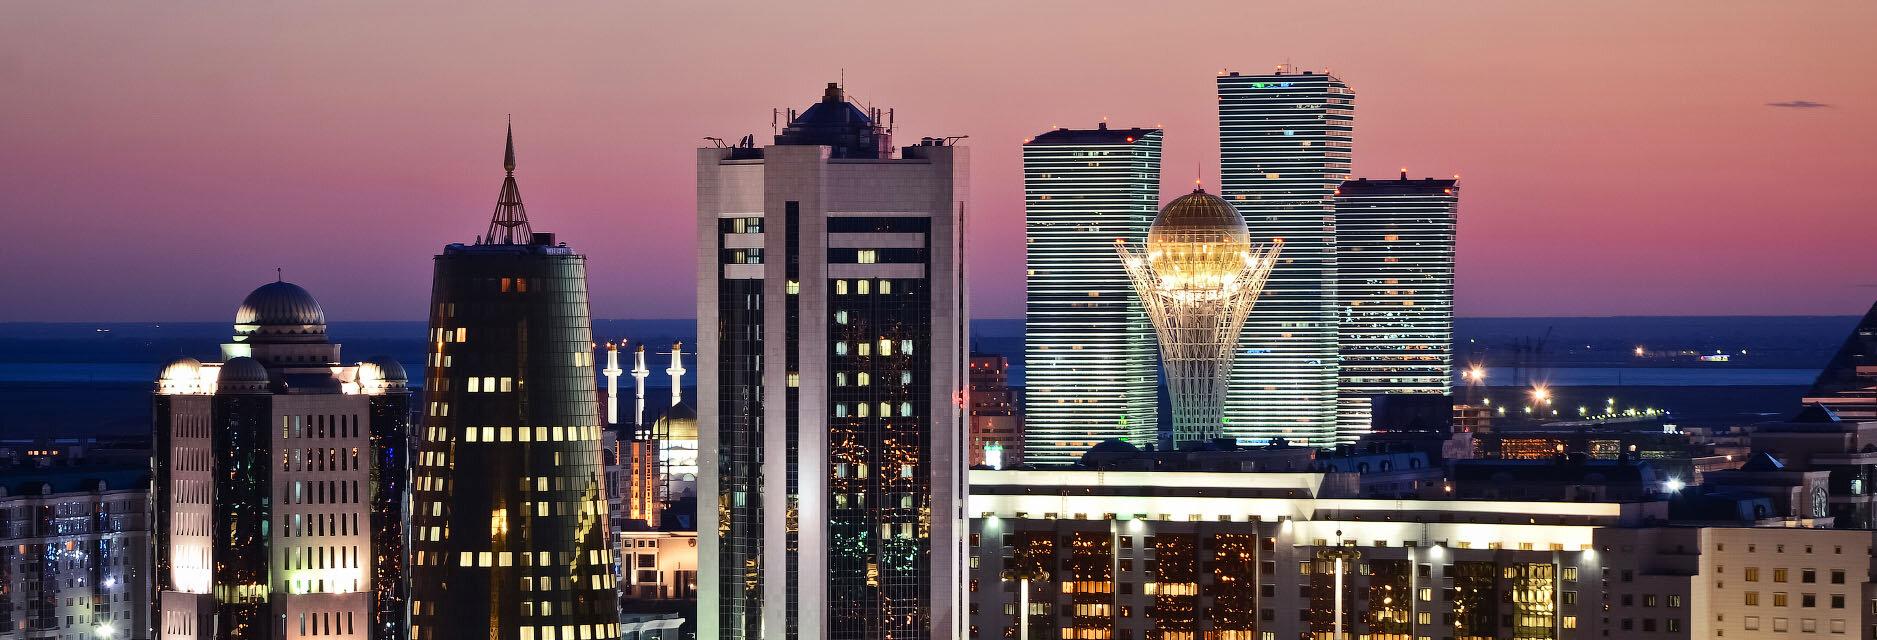 Поиск отелей и гостиниц в Талдыкоргане